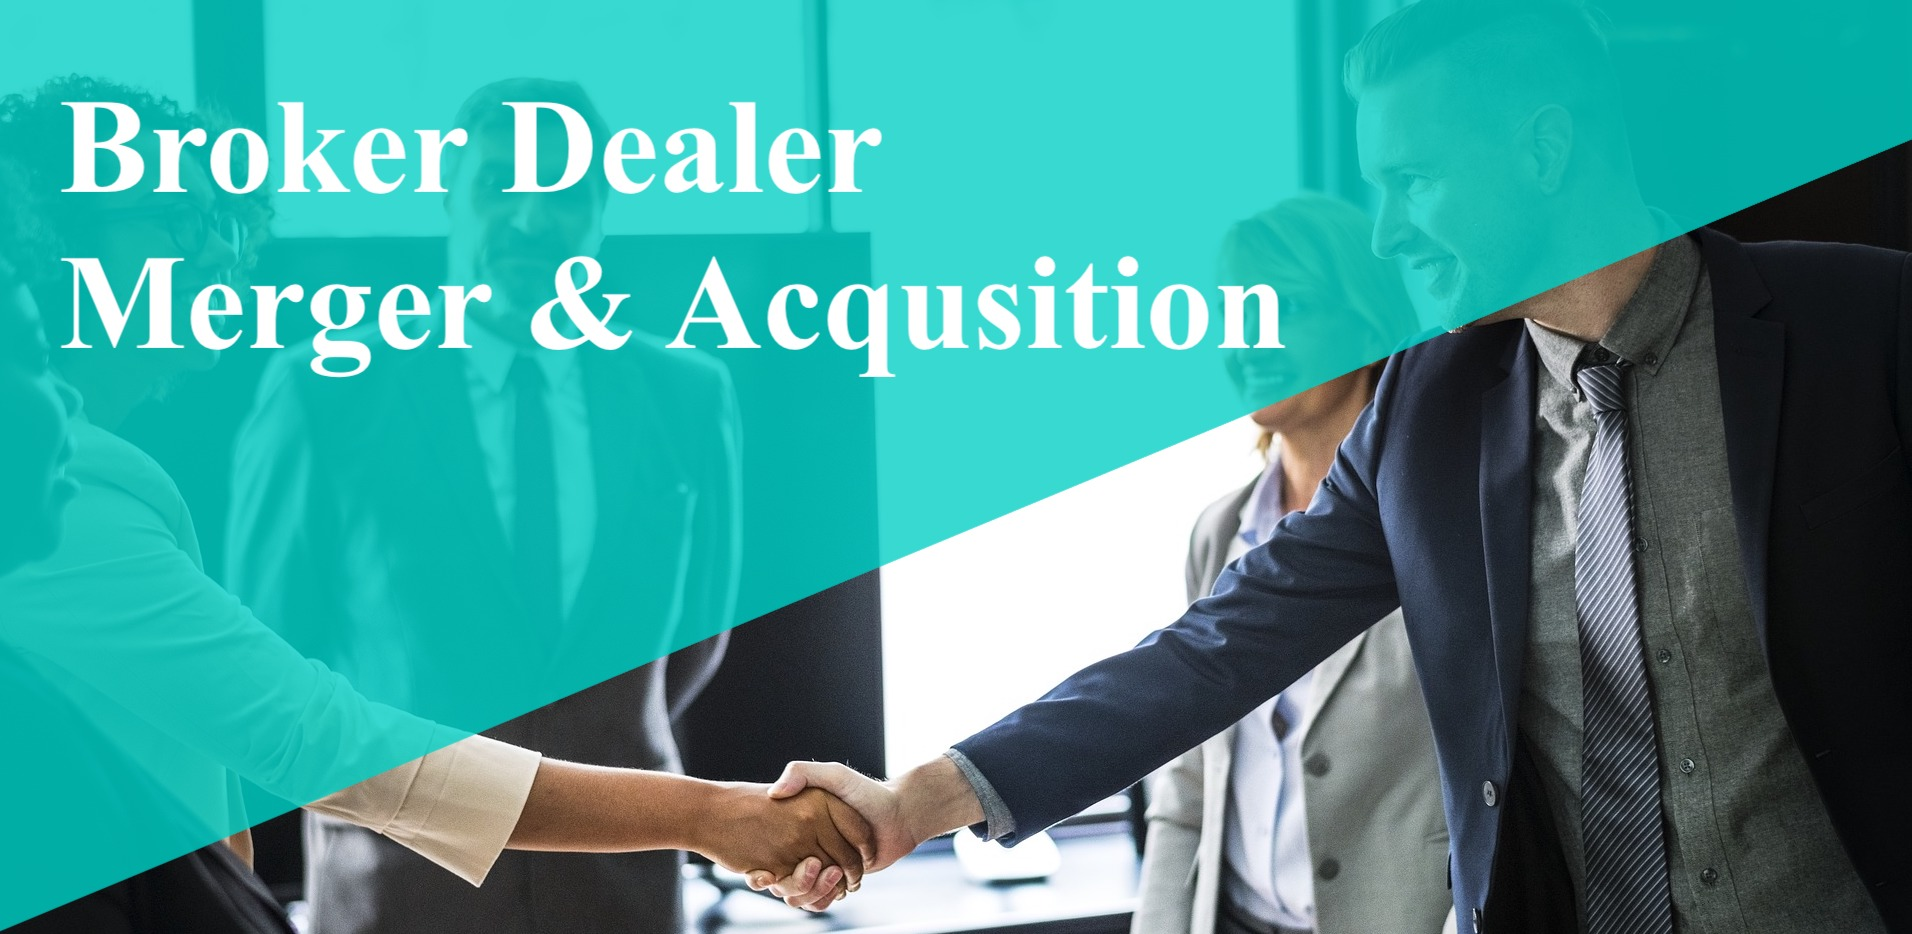 Broker Dealer Mergers & Acquisitions (M&A)